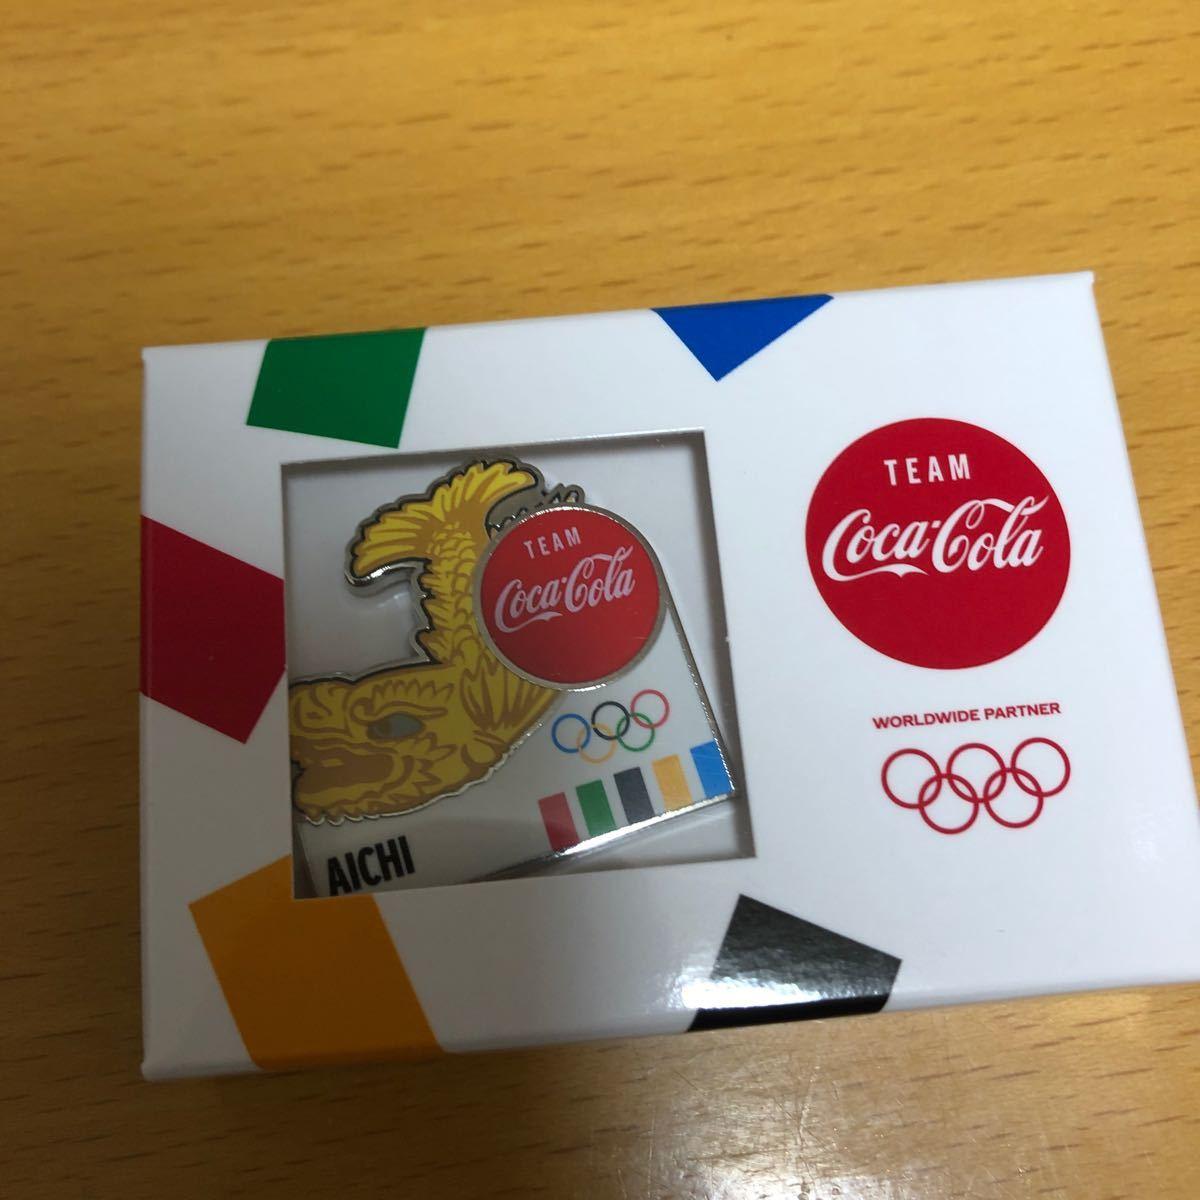 東京オリンピック コカ・コーラ 聖火リレーピンバッジ 愛知県